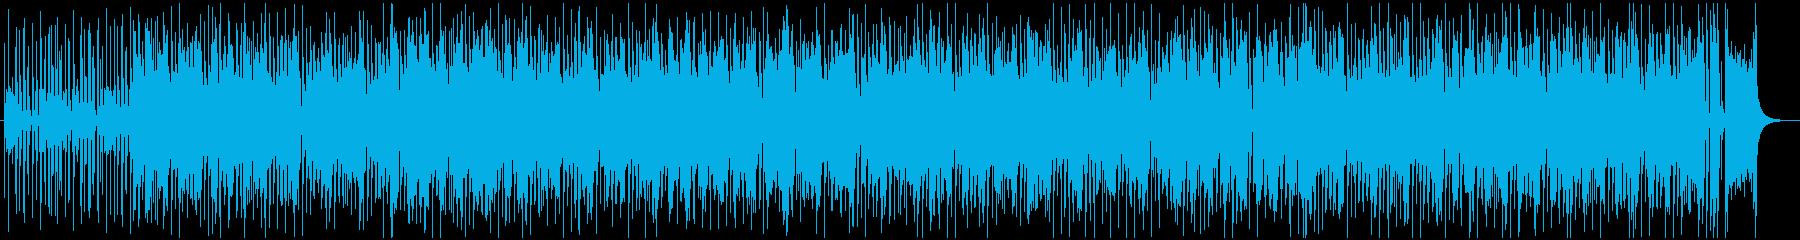 クールなジャンプブルース調ジャズもどきの再生済みの波形